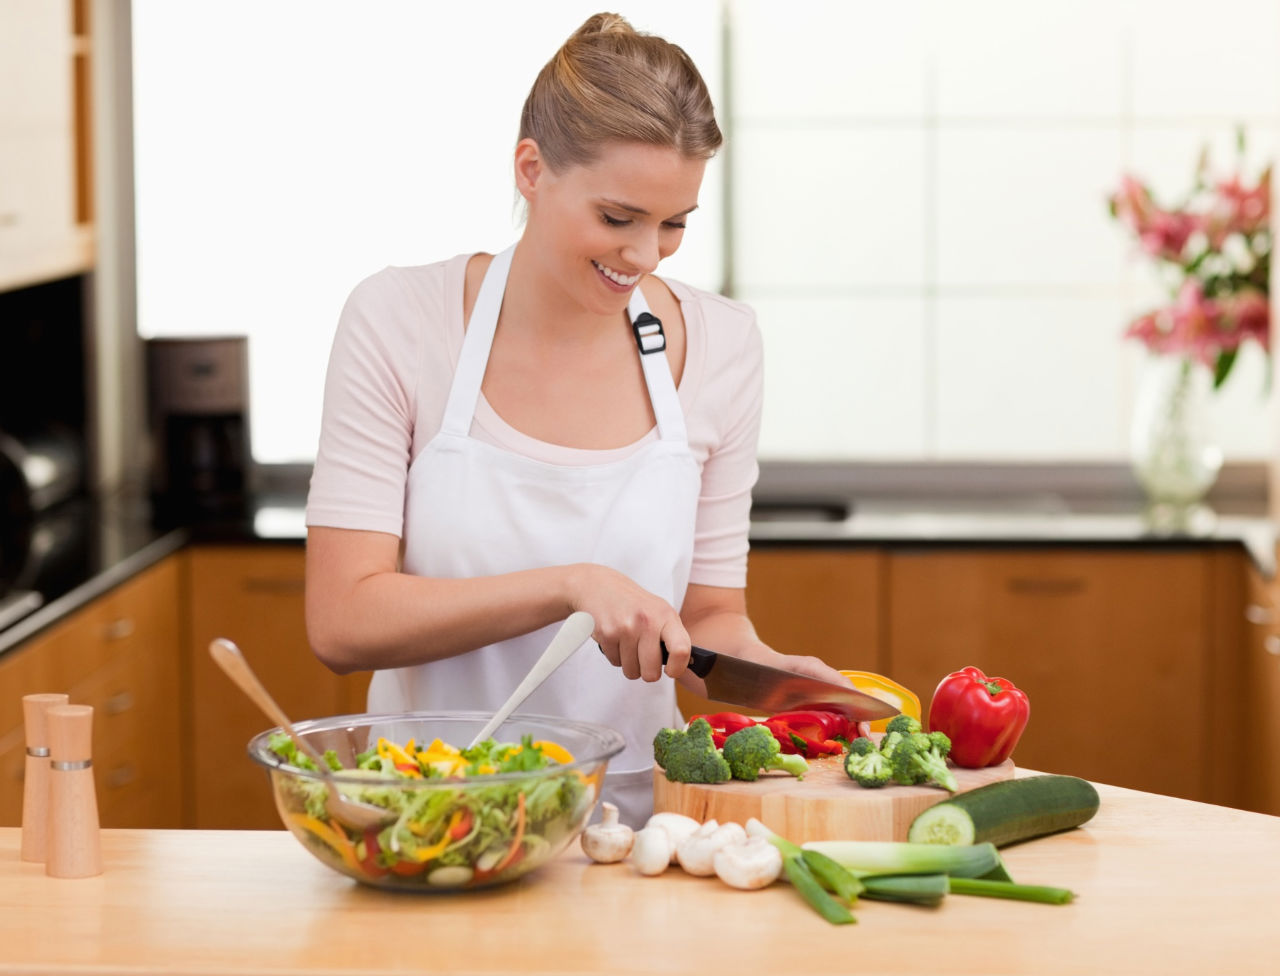 illicook-le-site-qui-cuisine-presque-a-votre-place-!